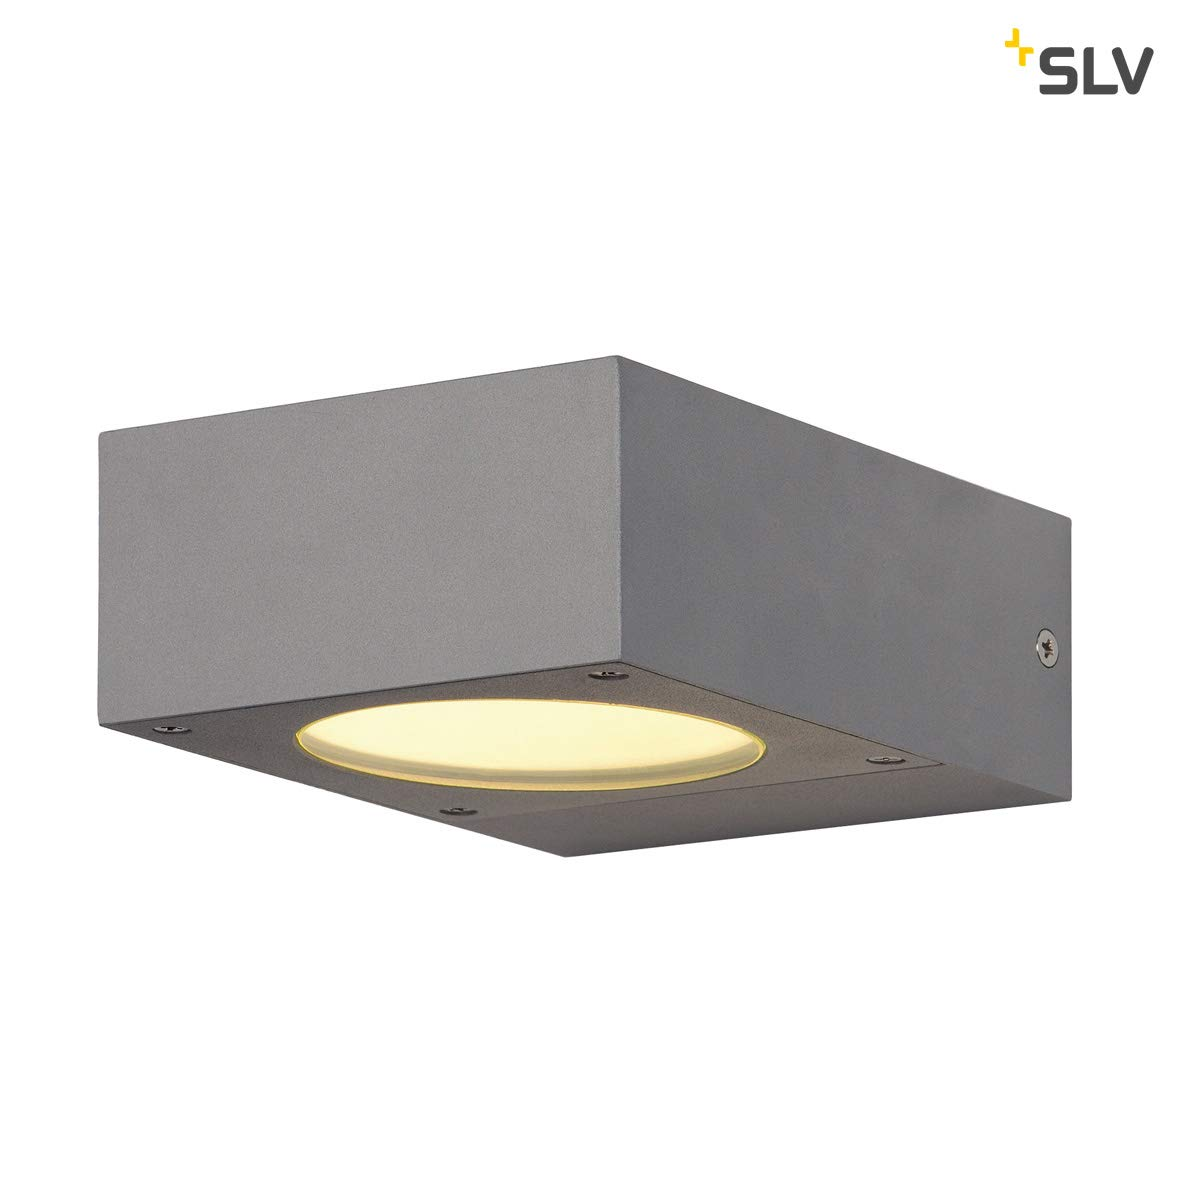 SLV LED Wandlampe QUADRASYL fü r die Auß enbeleuchtung von Wä nden, Wegen, Eingä ngen, LED Strahler, Wandleuchte, Up- Down-Light, Aussenleuchte, Gartenlampe, Wegeleuchte, GX53, 11 W max., EEK B-A++ 232285